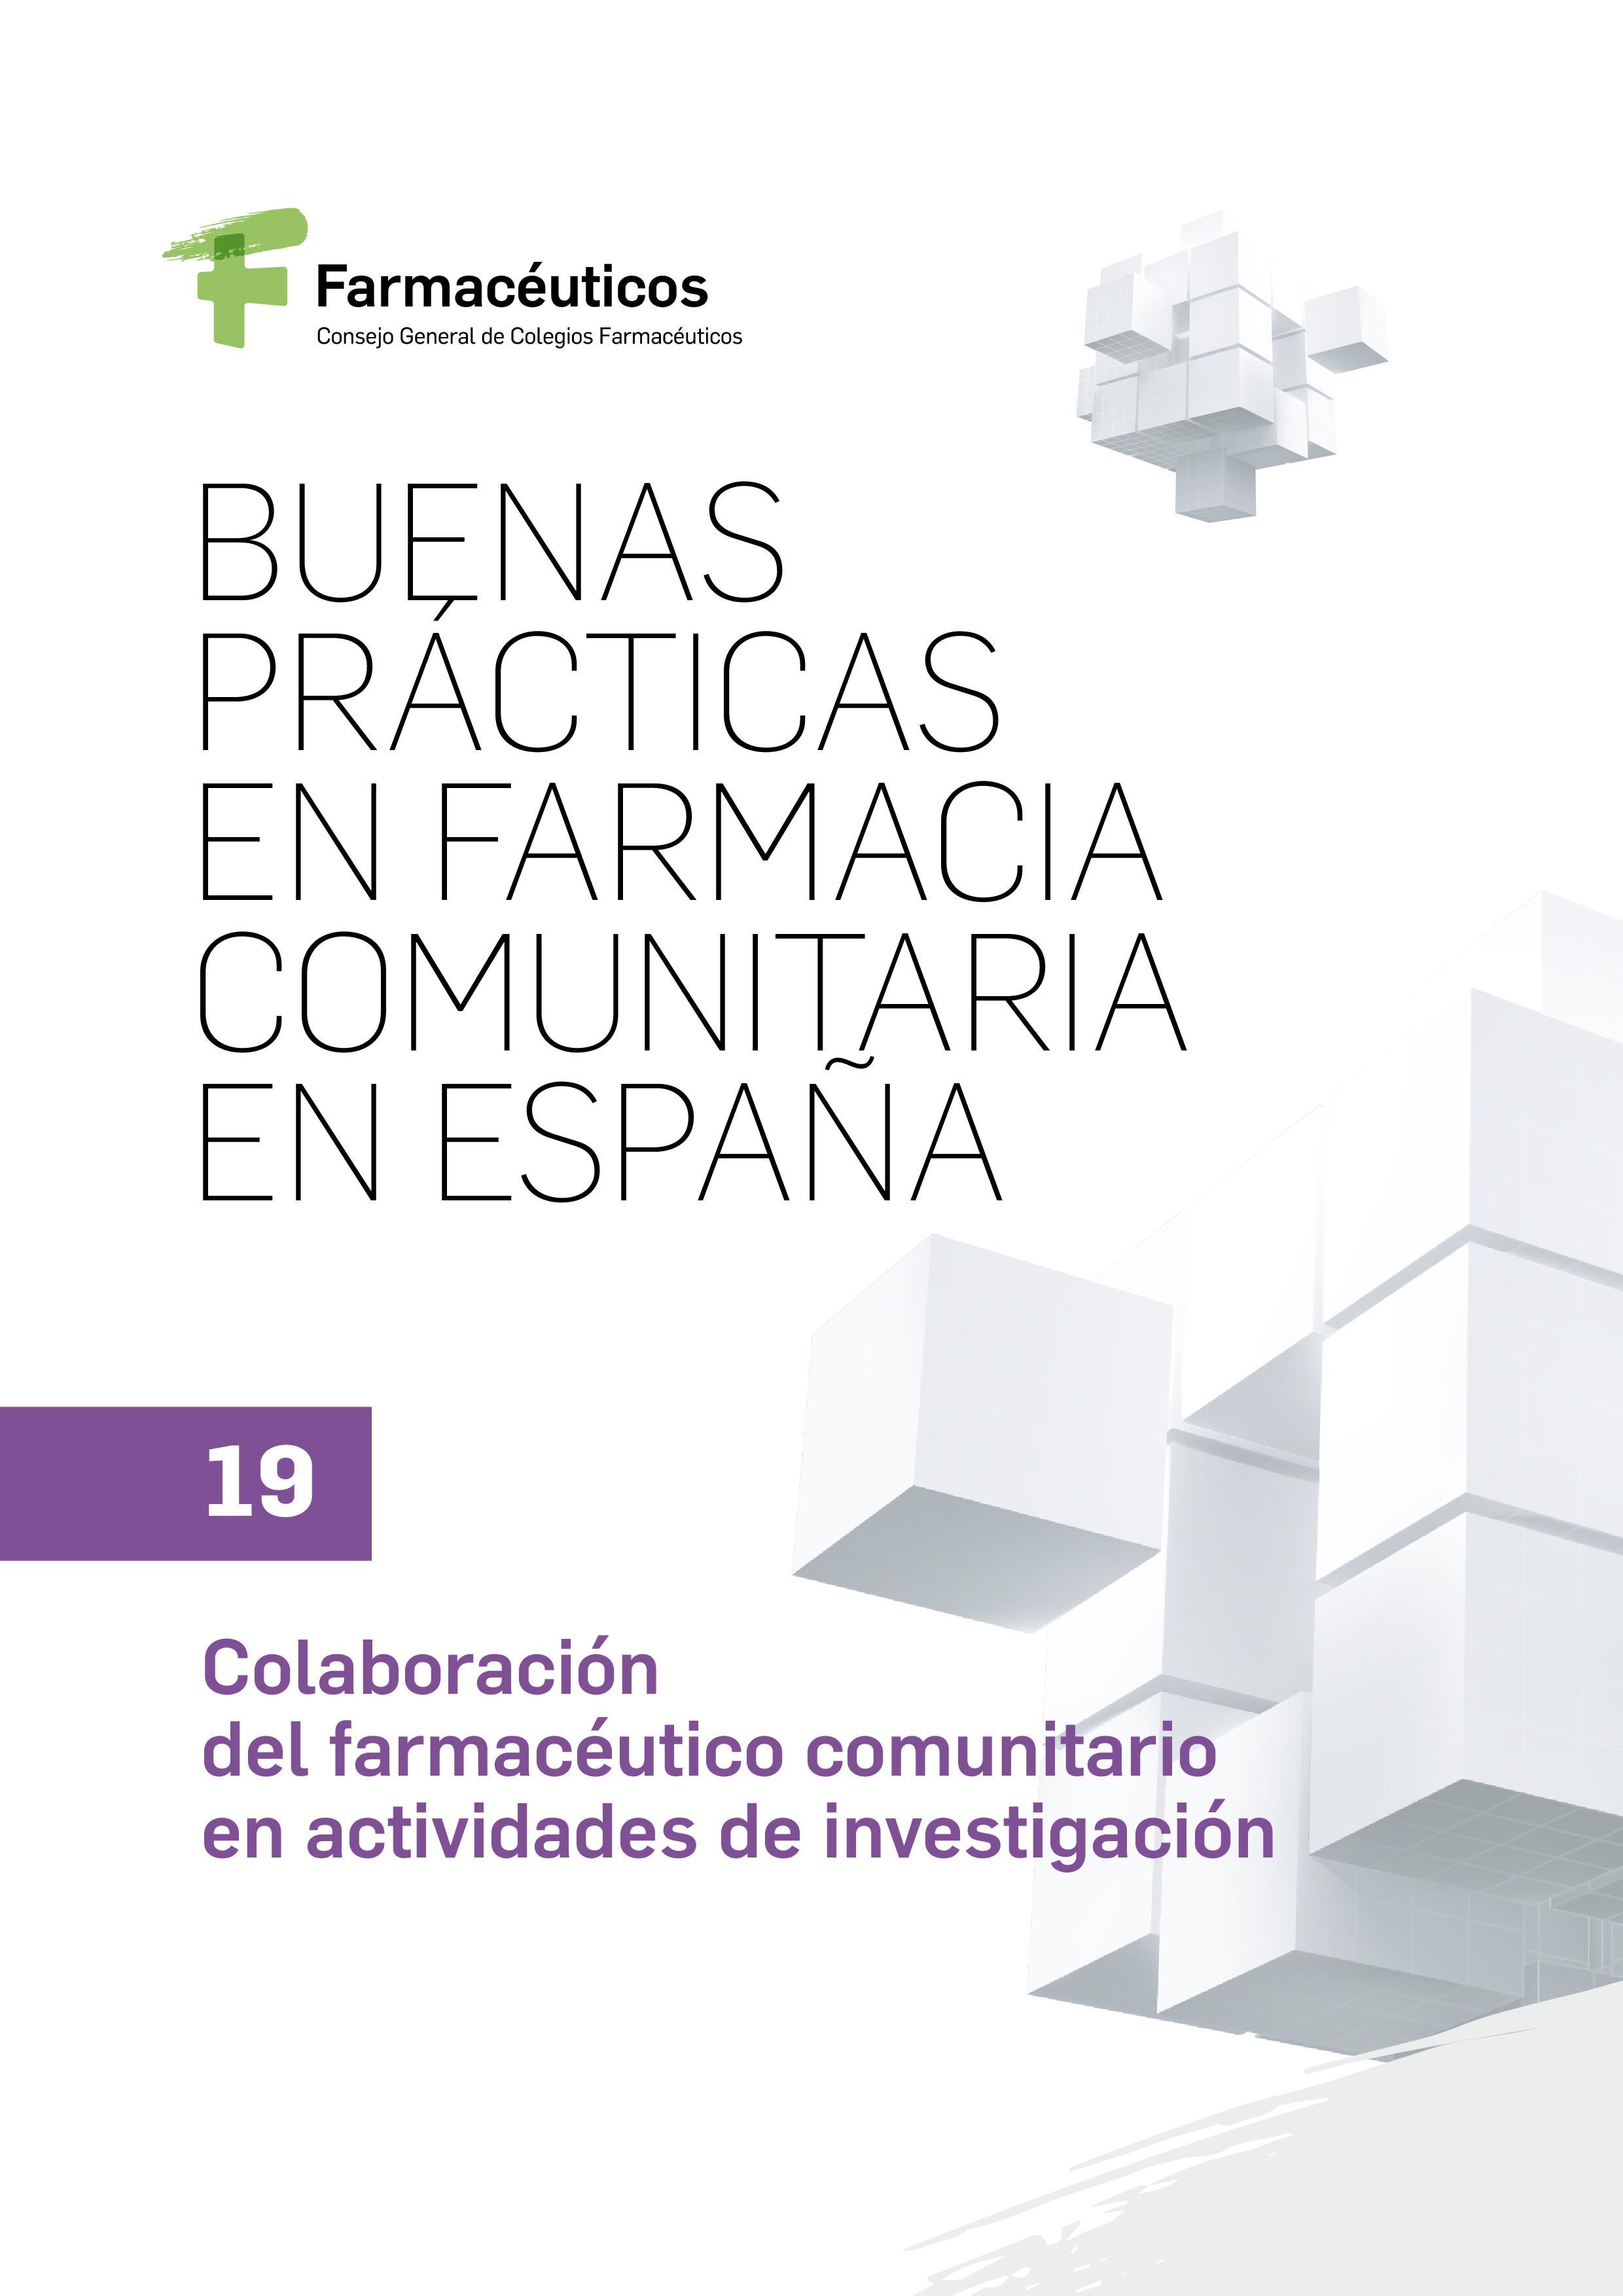 19 – Colaboración del farmacéutico comunitario en actividades de investigación